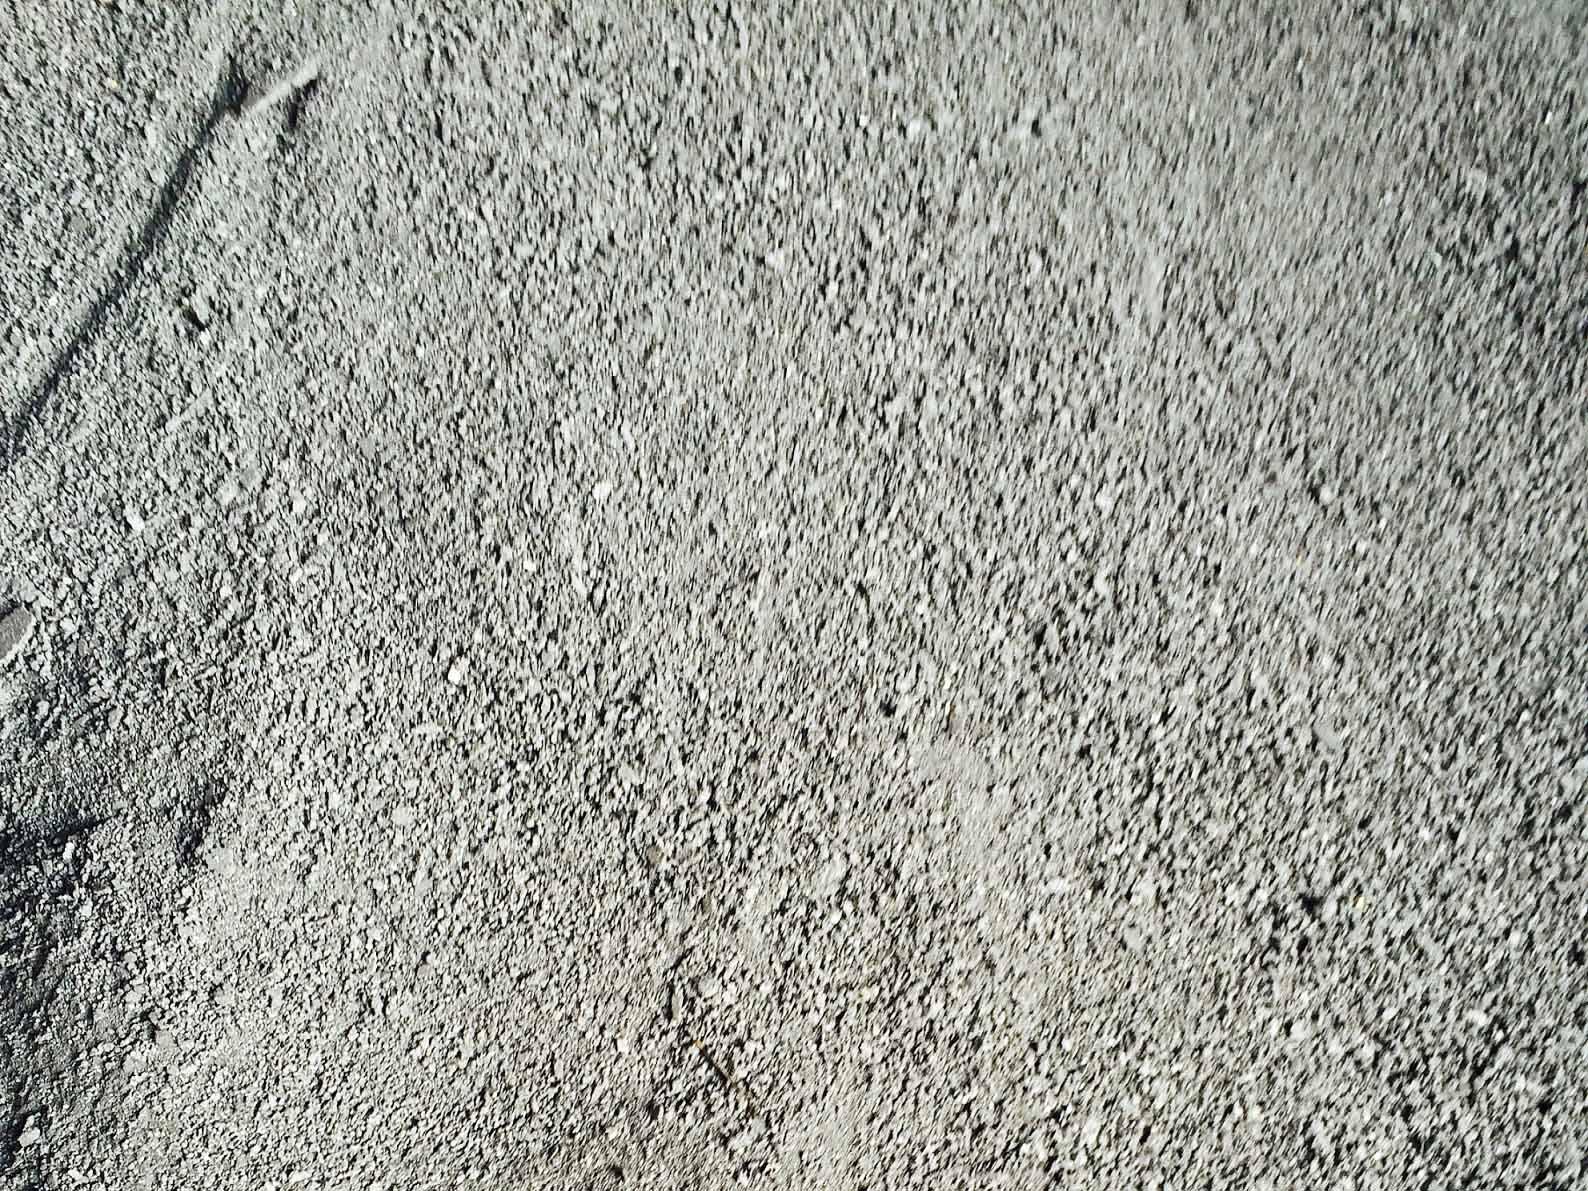 滨州优秀的煅后焦供应商当属兴发炭素,专业供应煅后焦